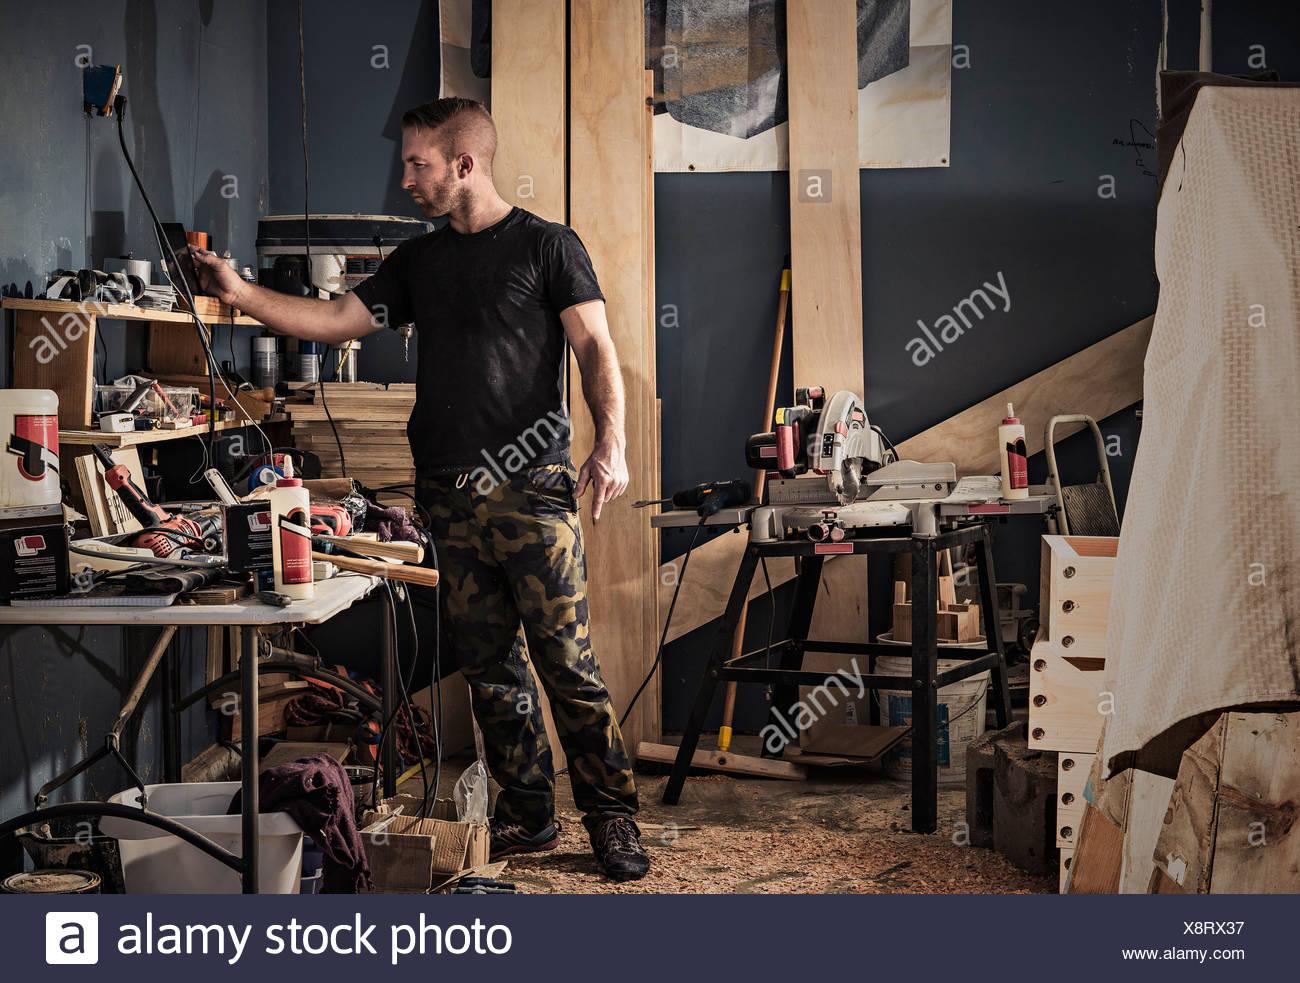 La recherche d'étagères dans Male carpenter workshop Photo Stock